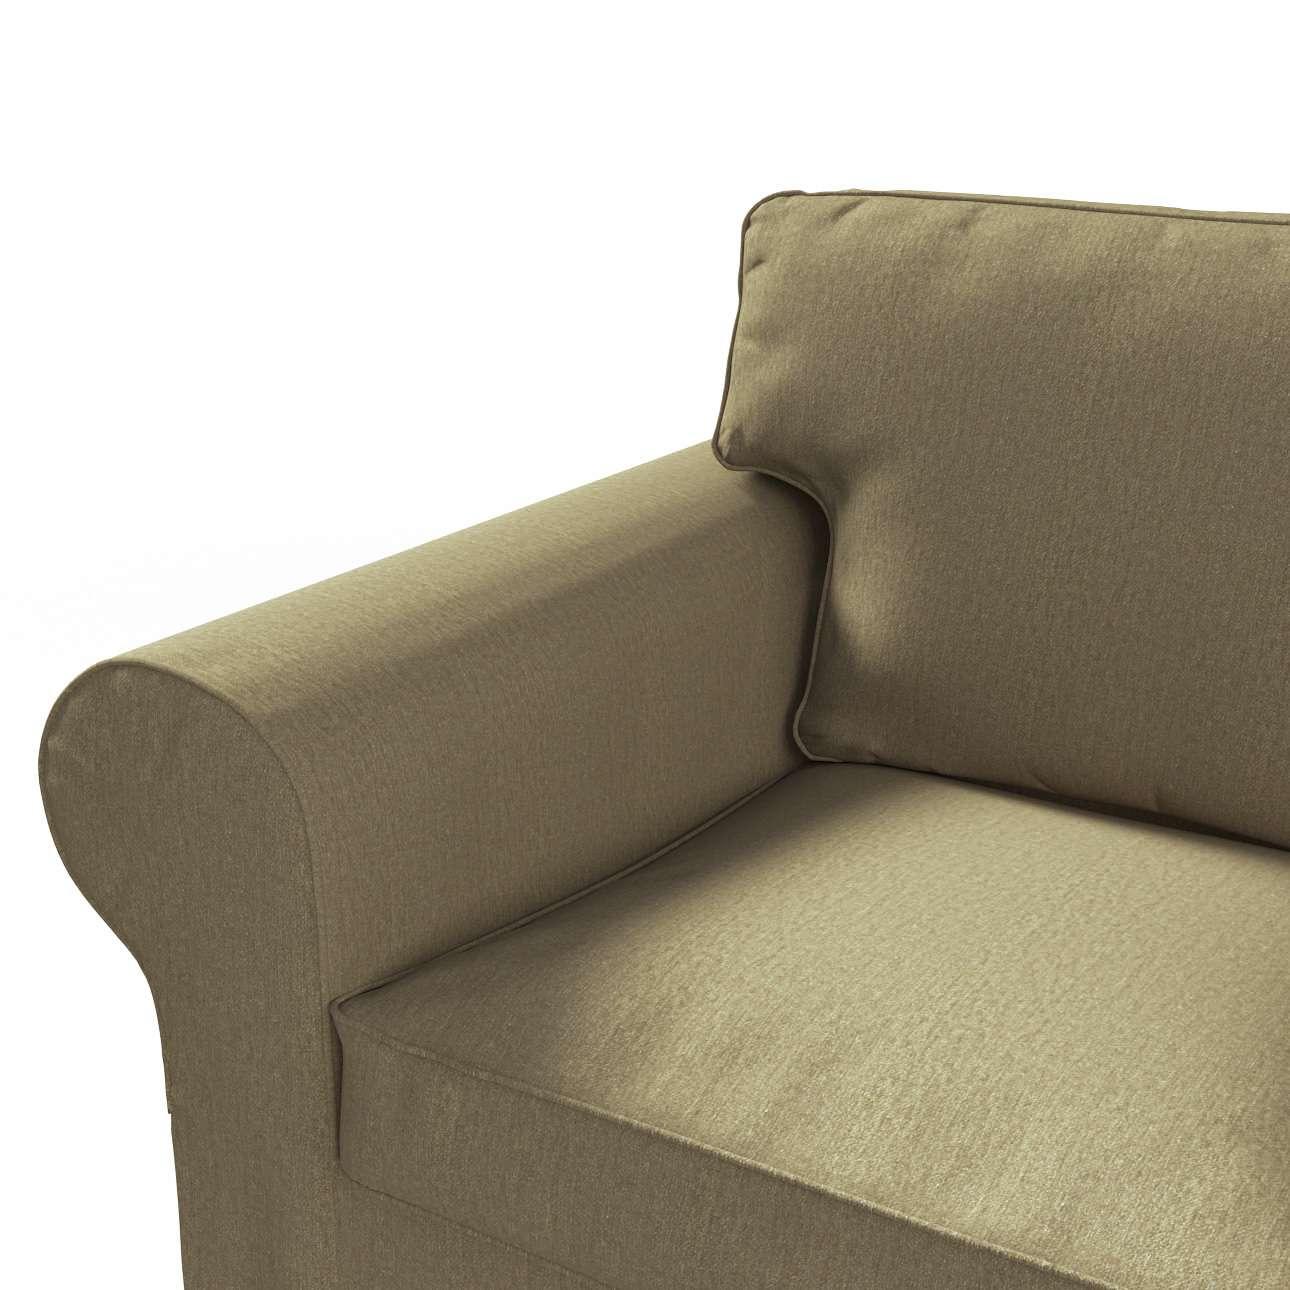 Ektorp dvivietės sofos užvalkalas Ektorp dvivietės sofos užvalkalas kolekcijoje Chenille, audinys: 702-21